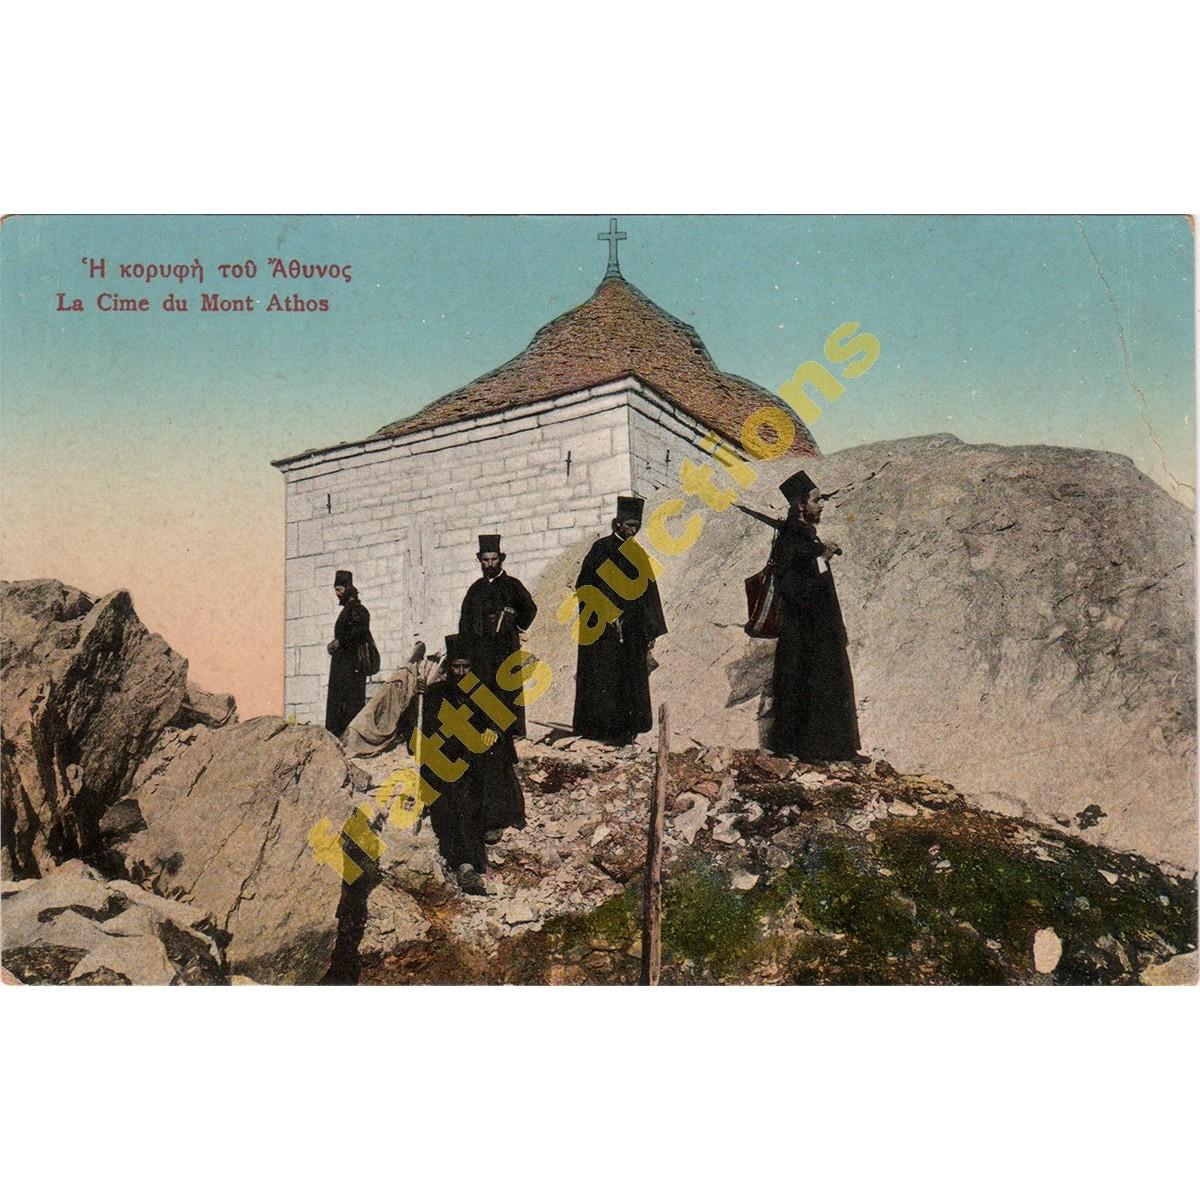 Η κορυφή του Αθυνος, Λάββας Σερομονάκος & Λυνοδία, 15822